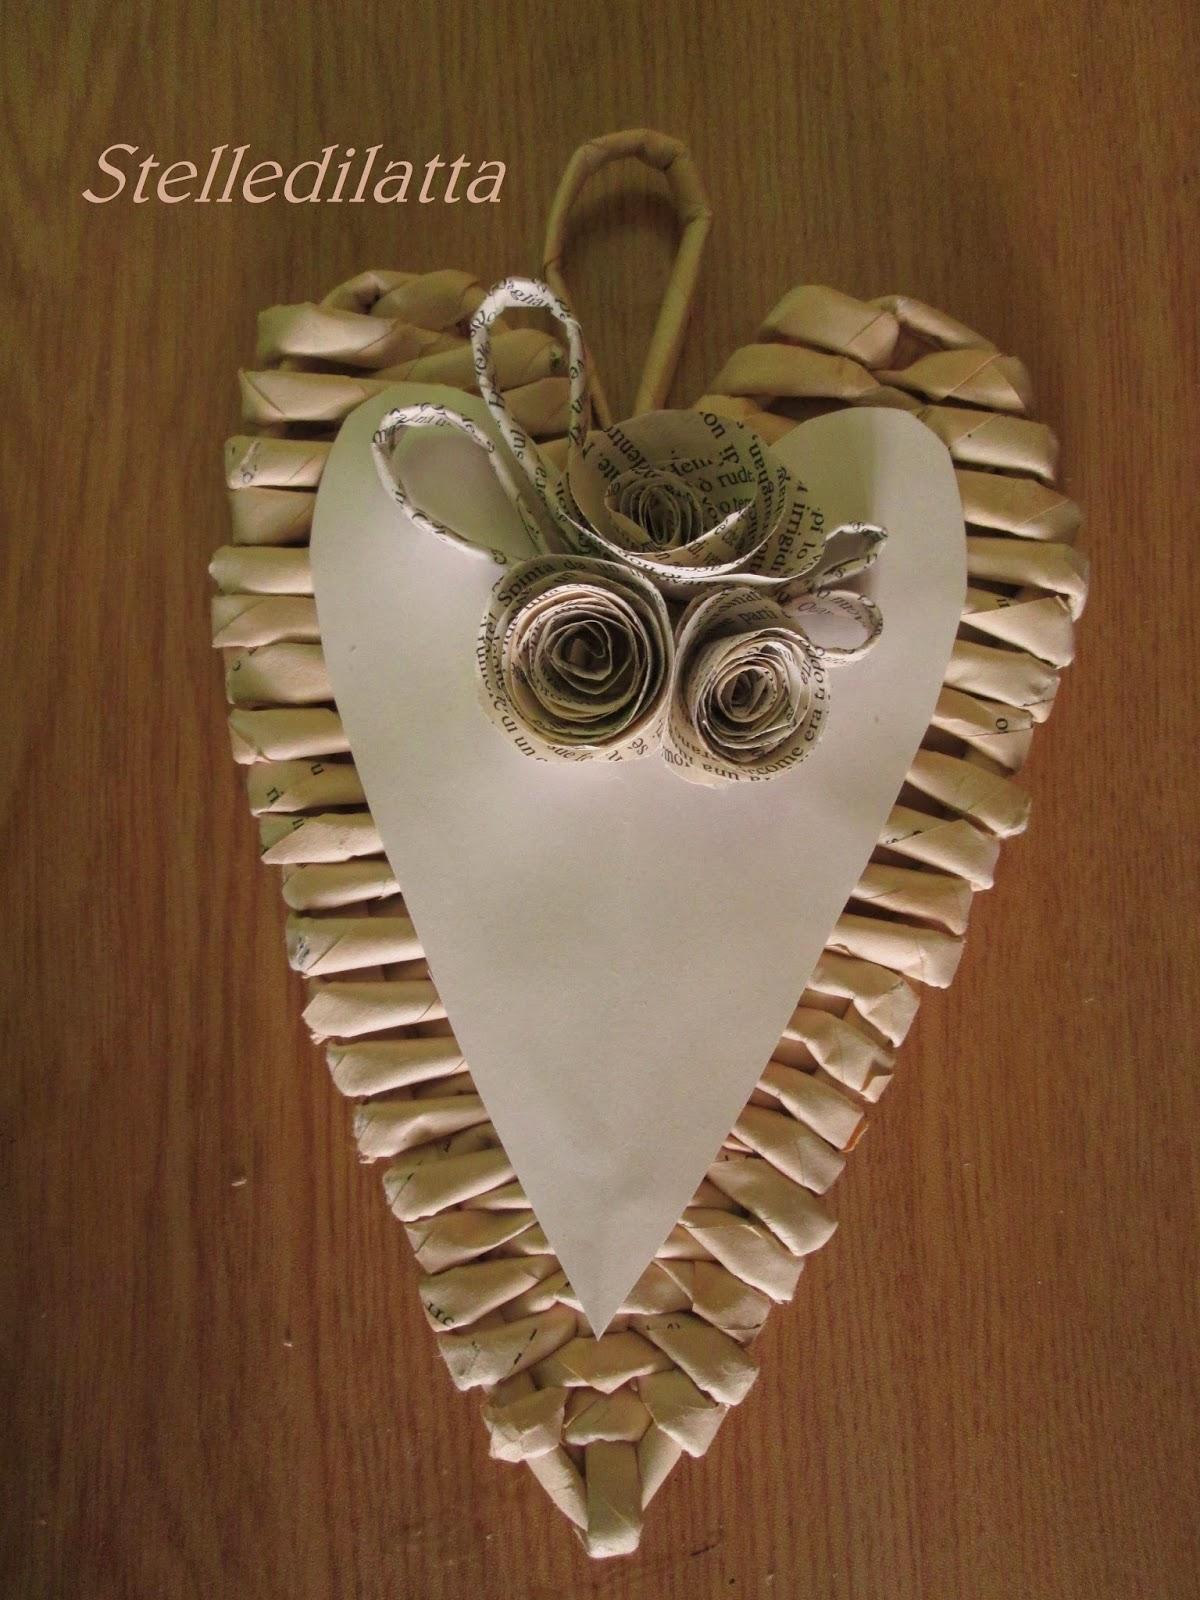 Stelledilatta cuore intrecciato - Decorazioni cuori ...